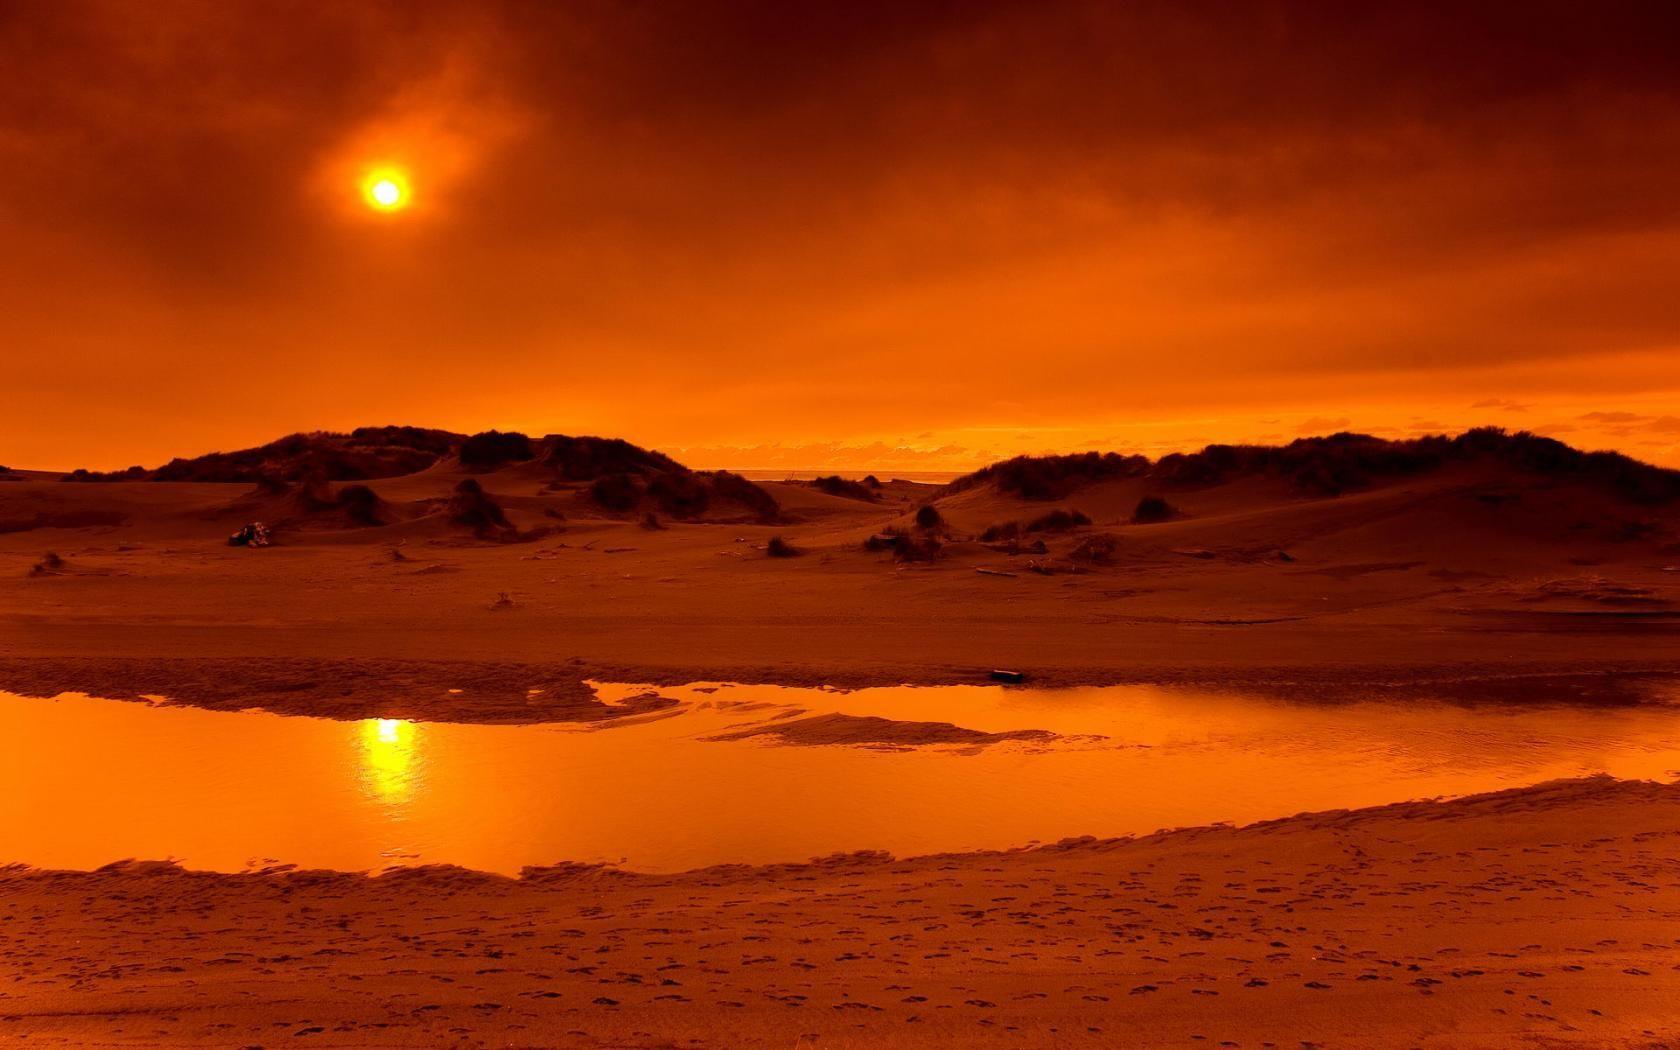 Orange Desert Sunset Sunset Wallpaper Beautiful Landscape Wallpaper Landscape Wallpaper Hd wallpaper sunset desert trees bushes